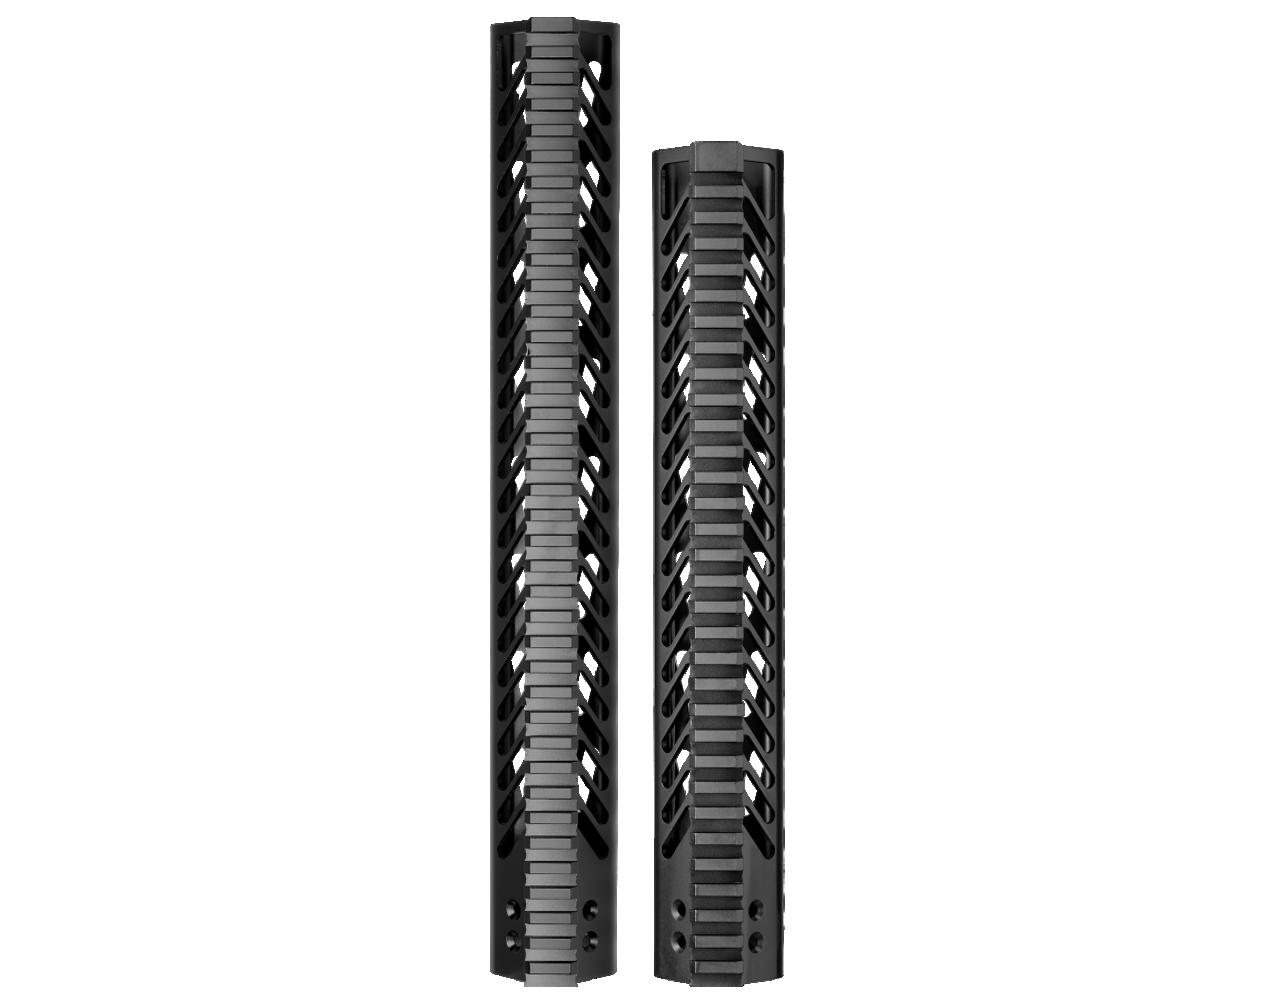 Seekins Precision SP3R Ruger Precision 12-inch Rail System - KeyMod